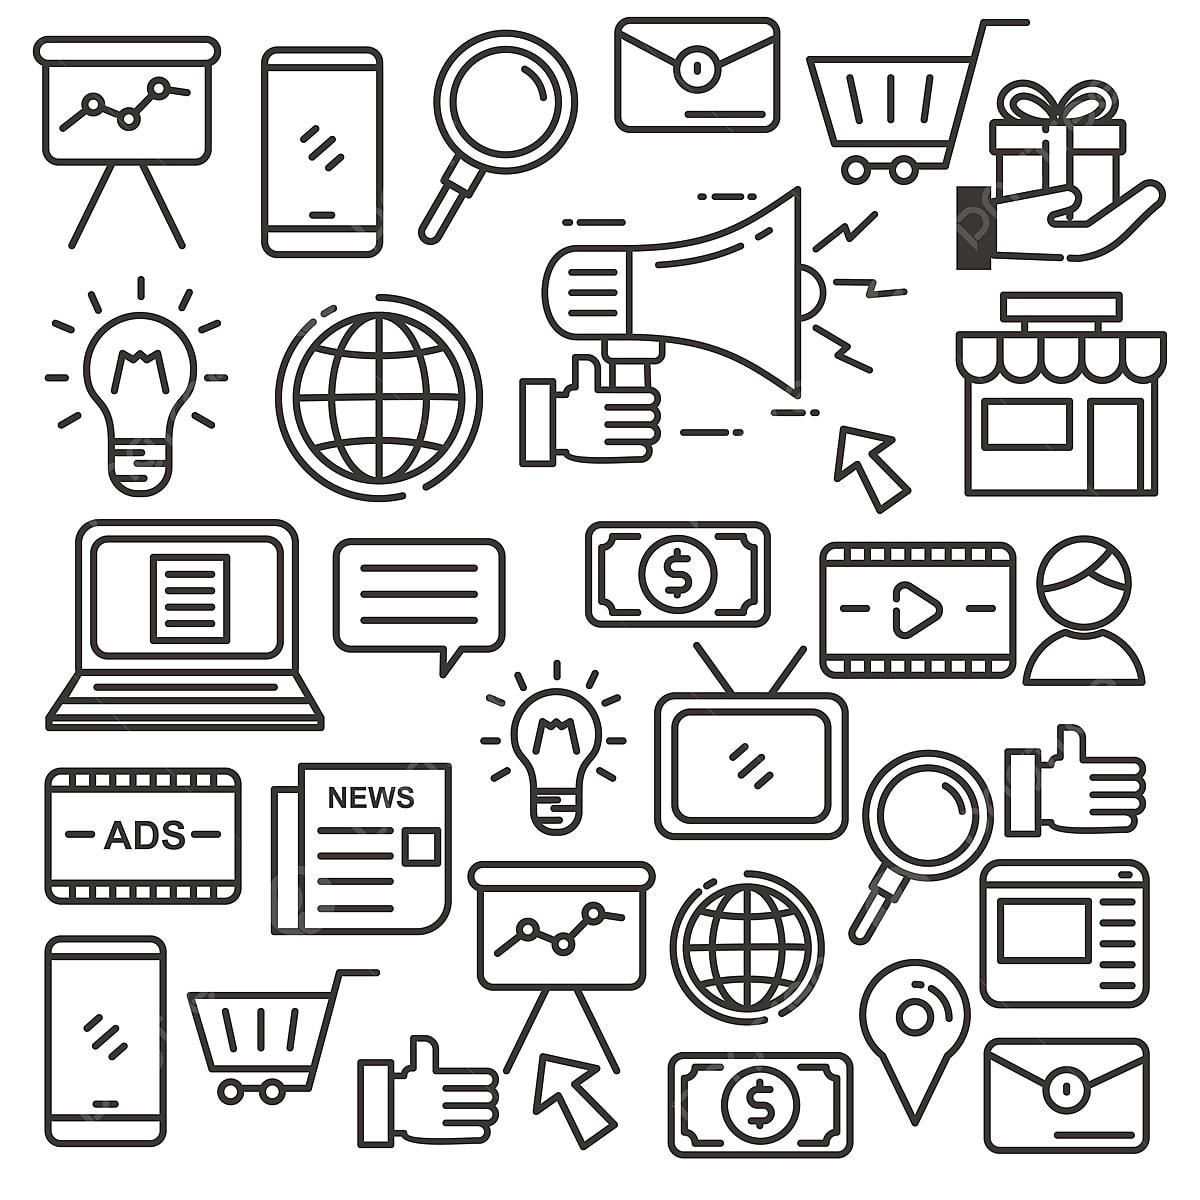 Digital Marketing Doodle Vector Illustration Suitable For ...